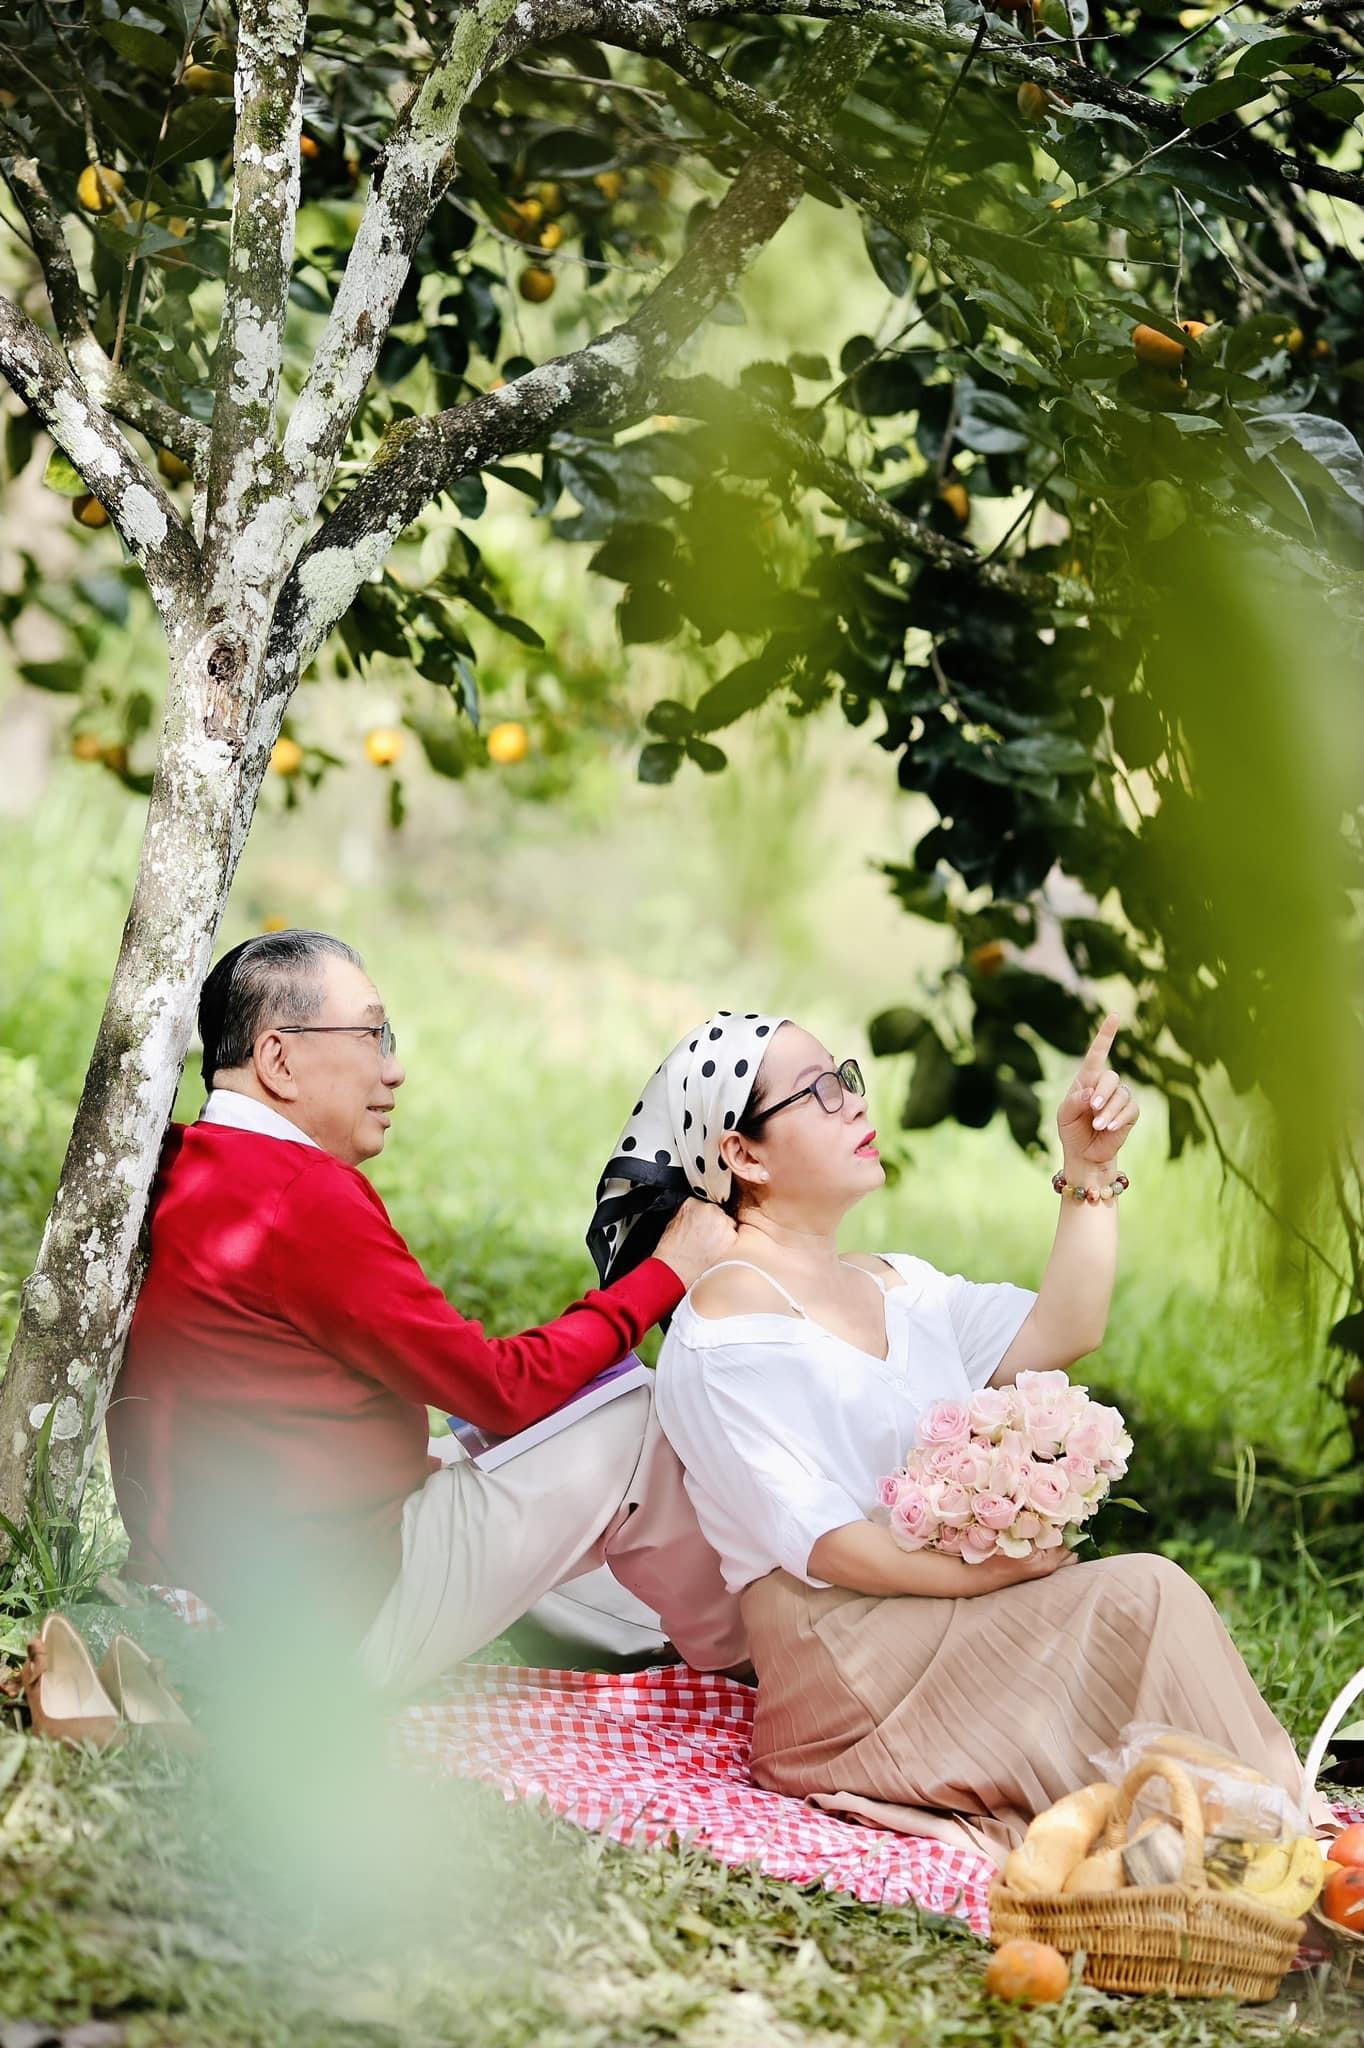 'Tan chảy' trước bộ ảnh lãng mạn của cặp vợ chồng U80